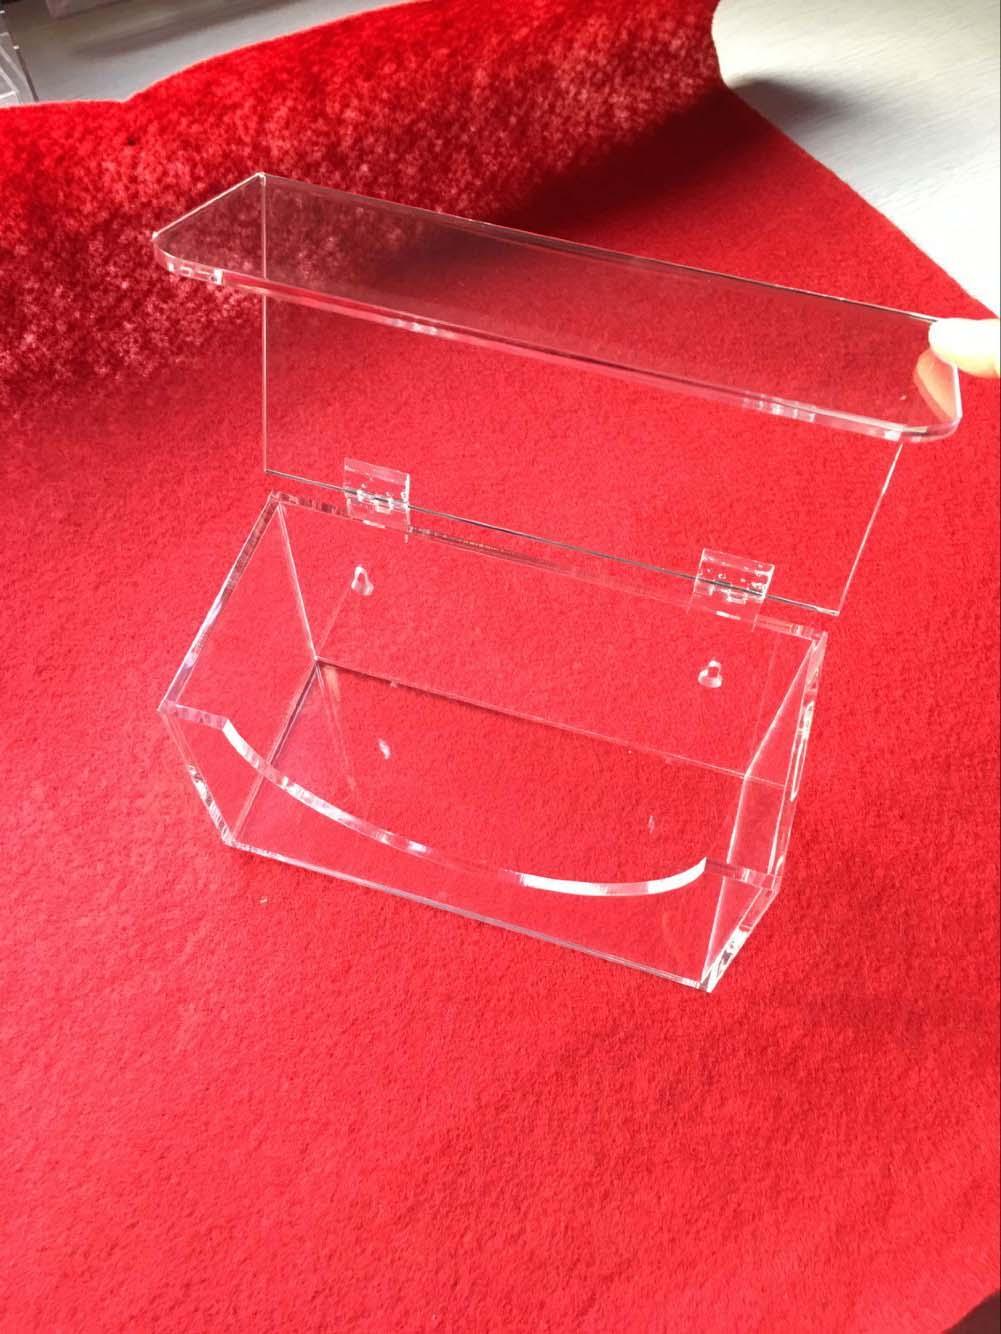 安君有机玻璃亚克力制品厂定制加工活页上翻逆转棉签 口罩收纳盒